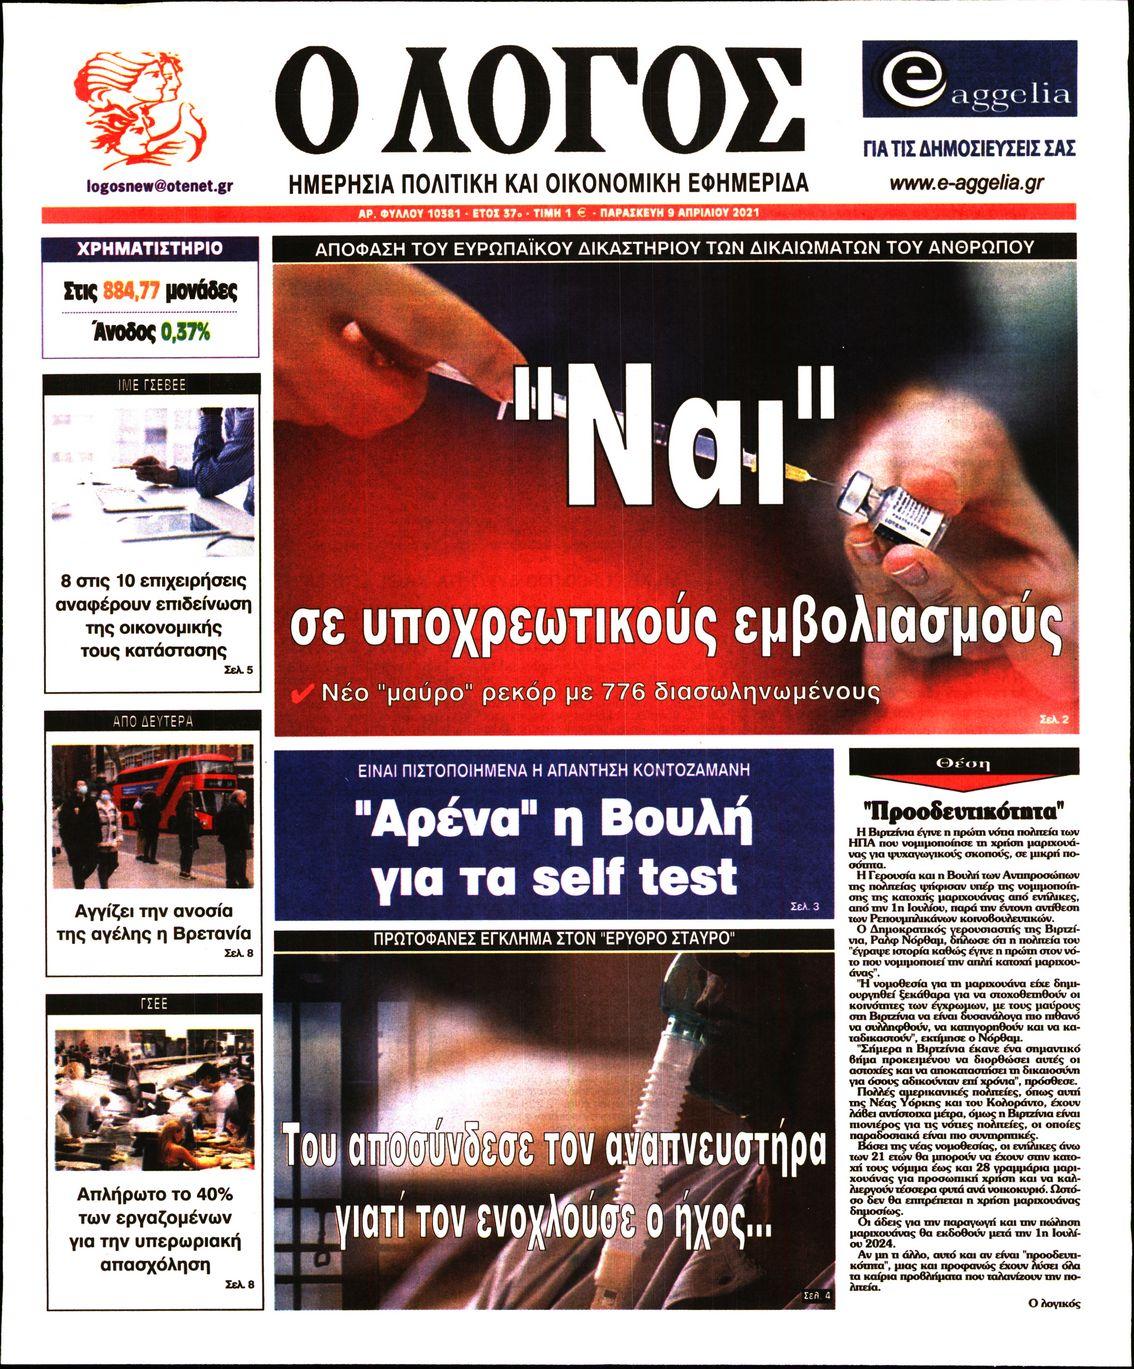 https://www.newsbeast.gr/files/1/newspapers/2021/04/09/28051962_23.jpg?1617947420